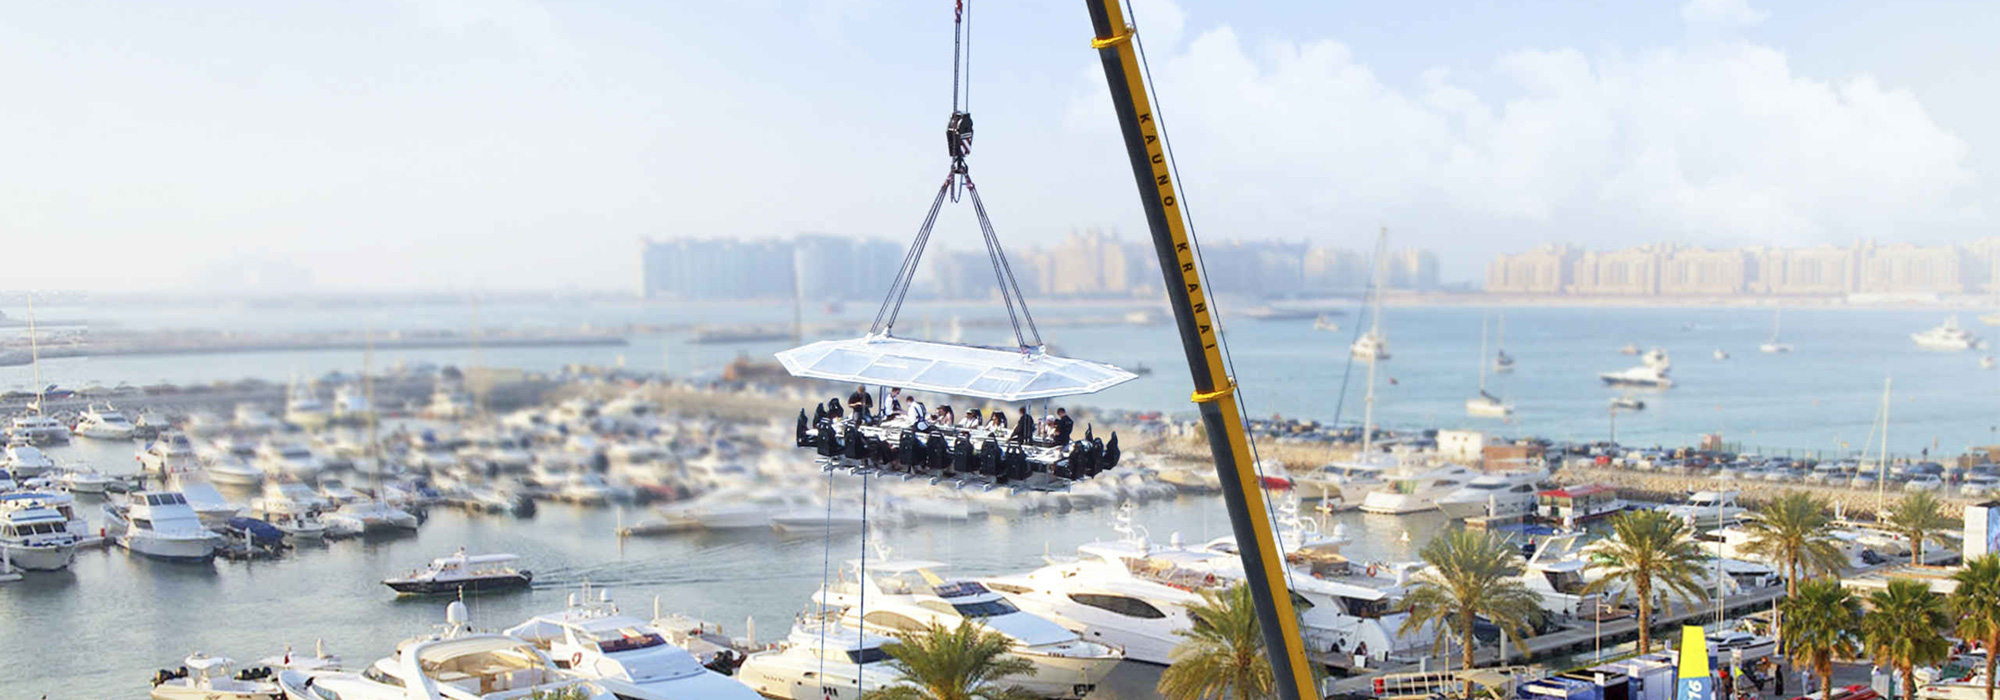 Kulinarisches Highlight in Dubai mit dem Dinner in the Sky